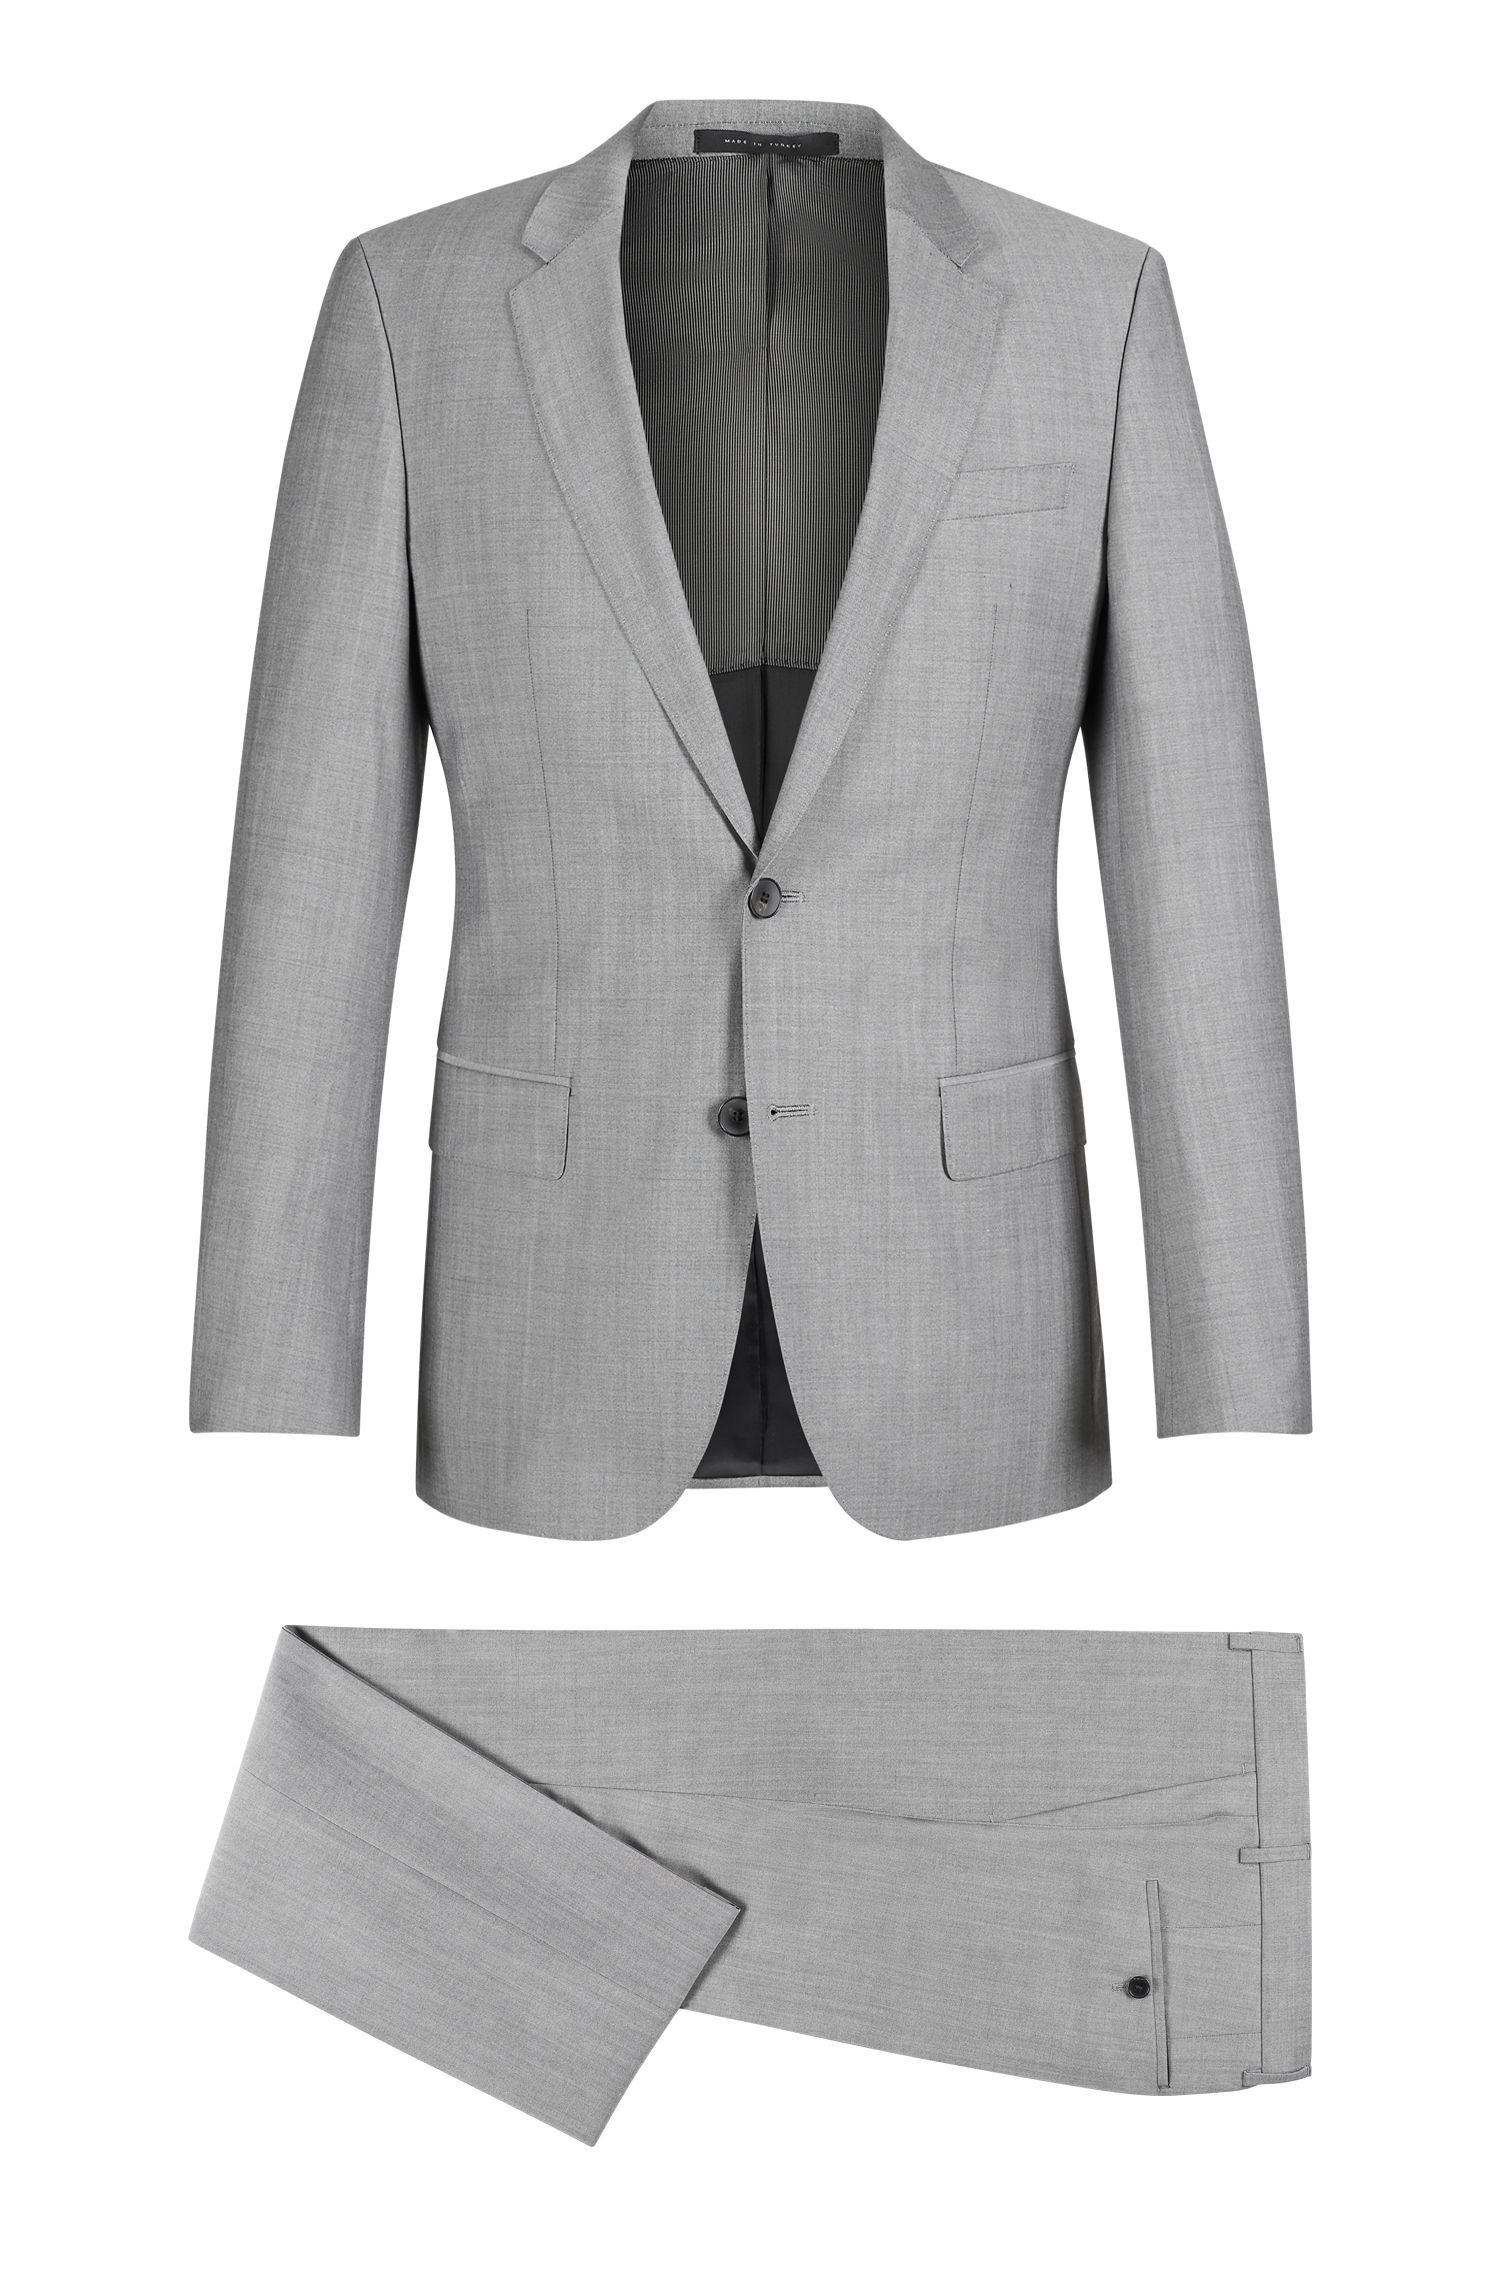 'Huge/Genius' | Slim Fit, Super 110 Italian Virgin Wool Suit